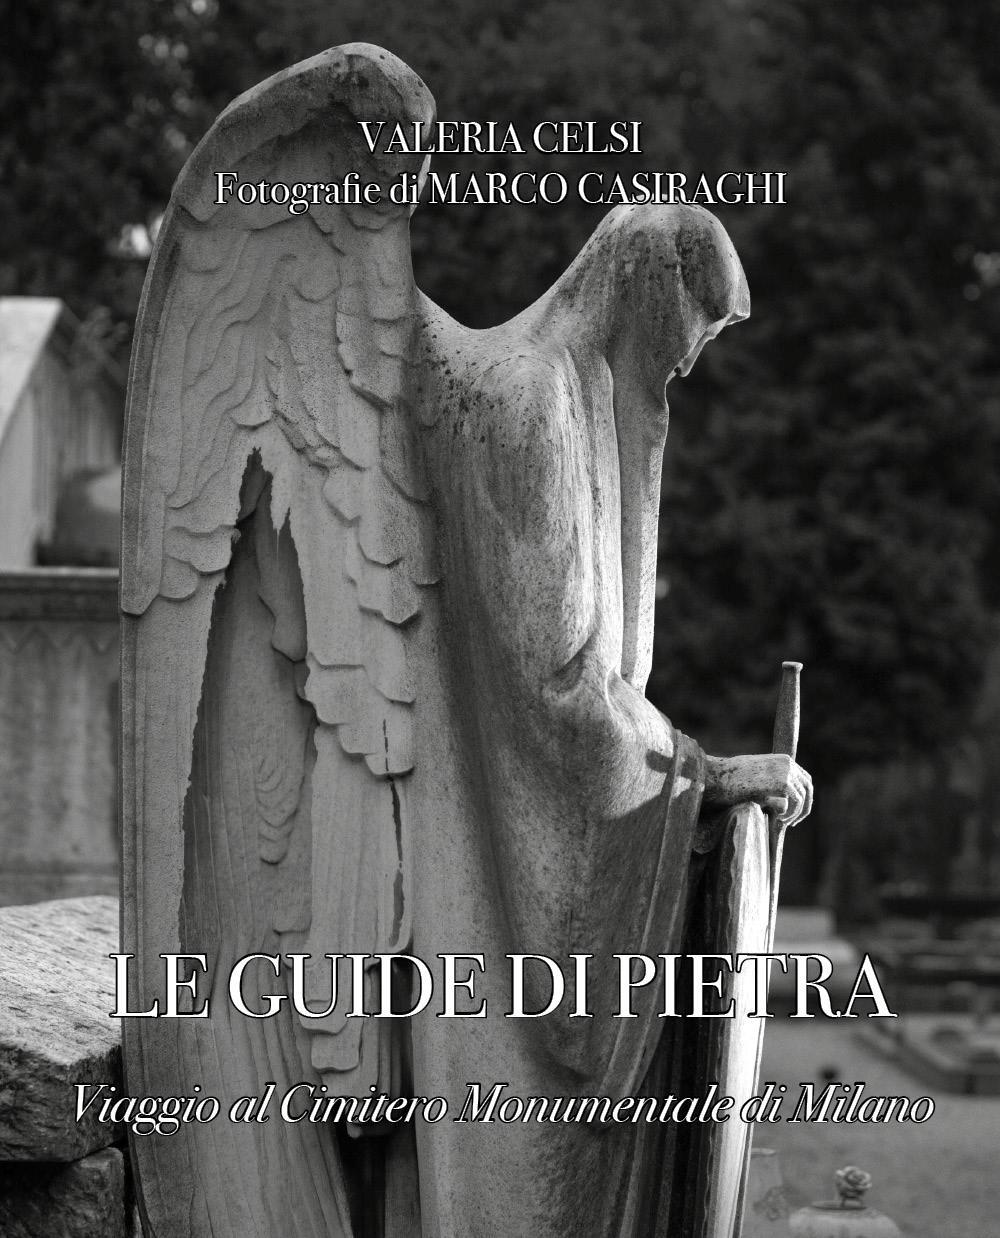 Le guide di pietra. Viaggio al Cimitero Monumentale di Milano